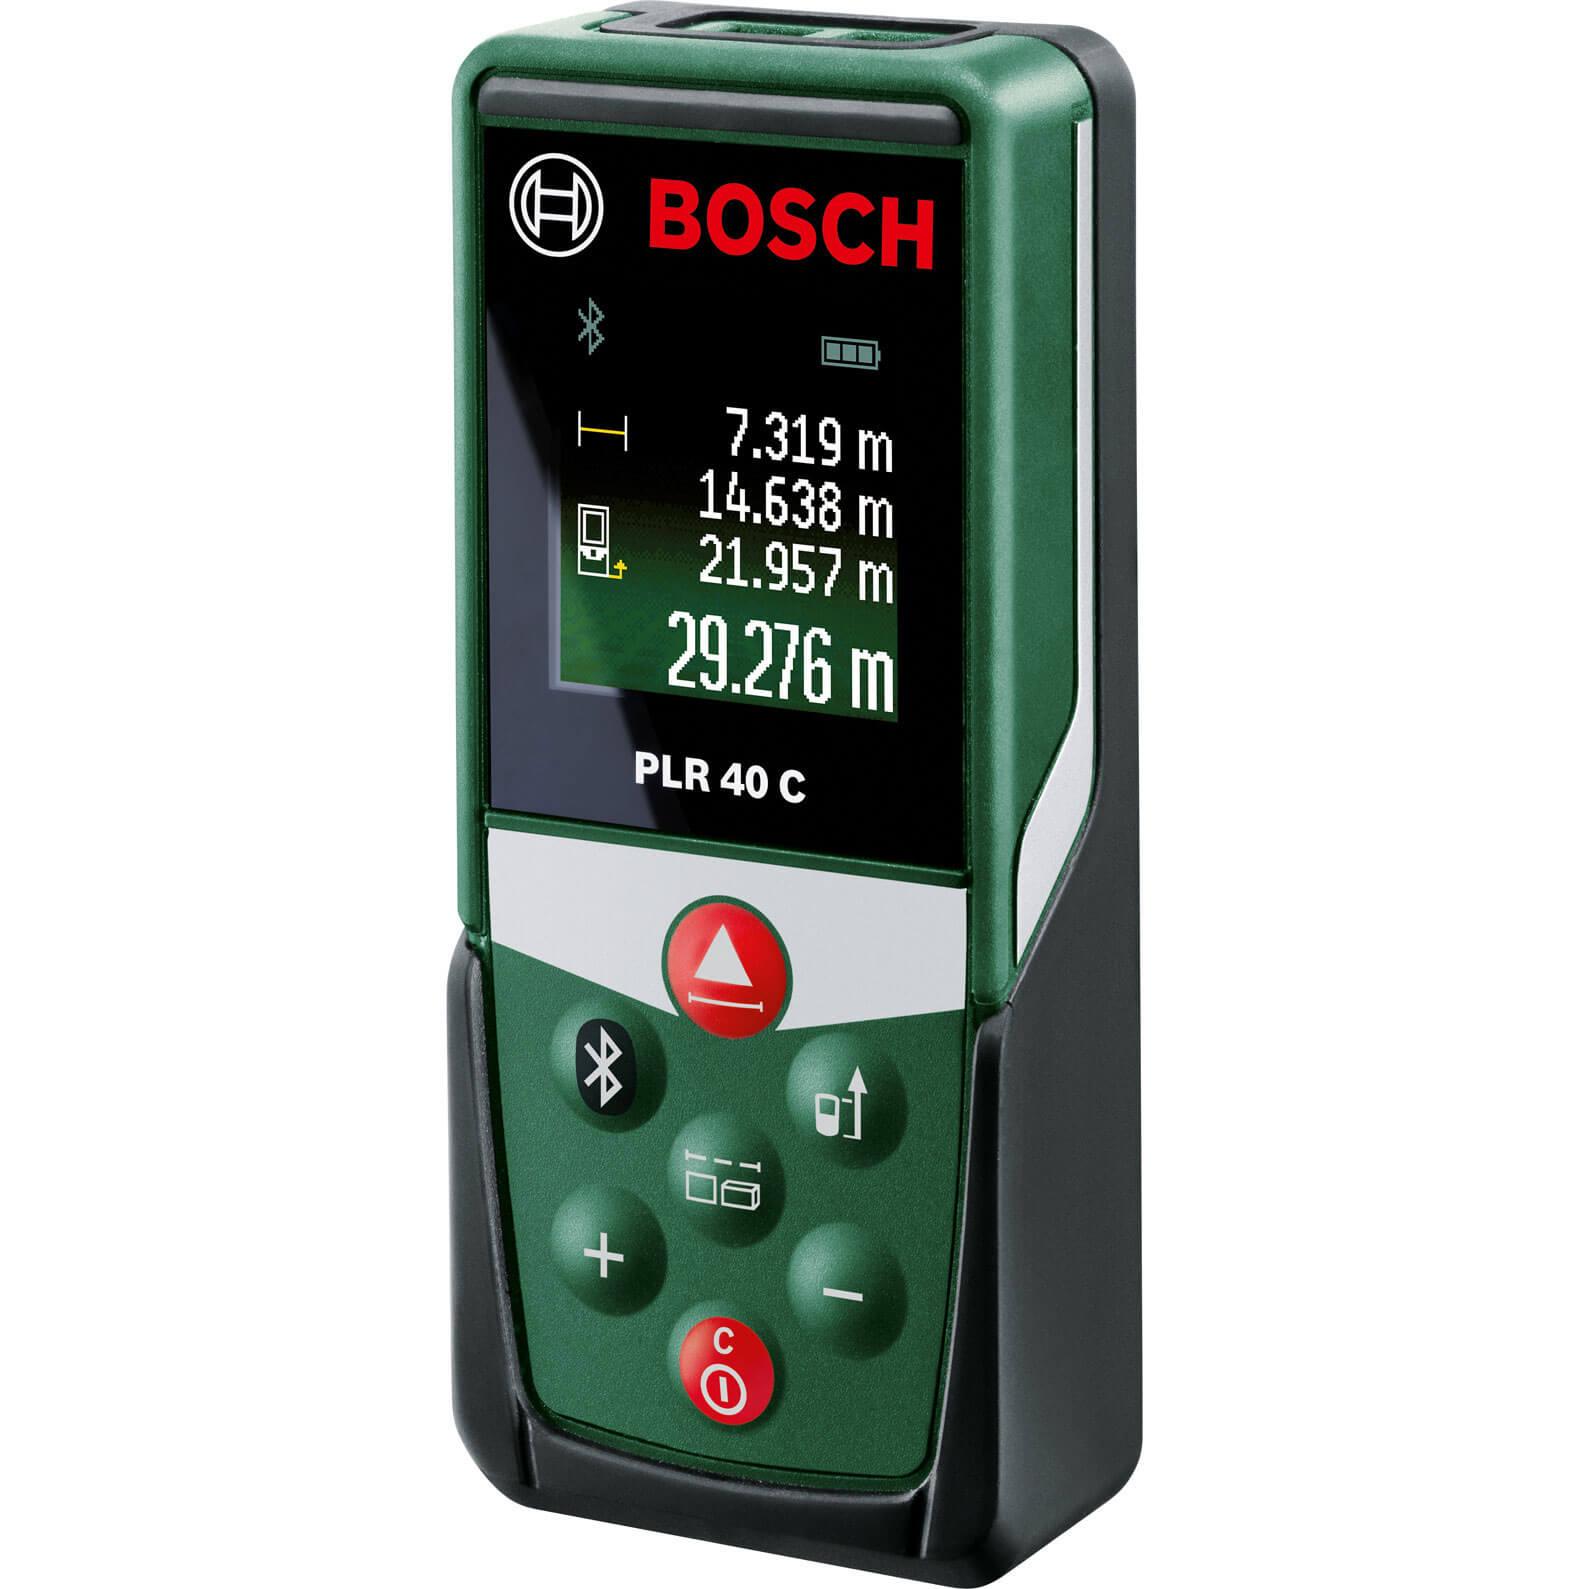 Bosch PLR 40 C Distance Laser Measure 40m